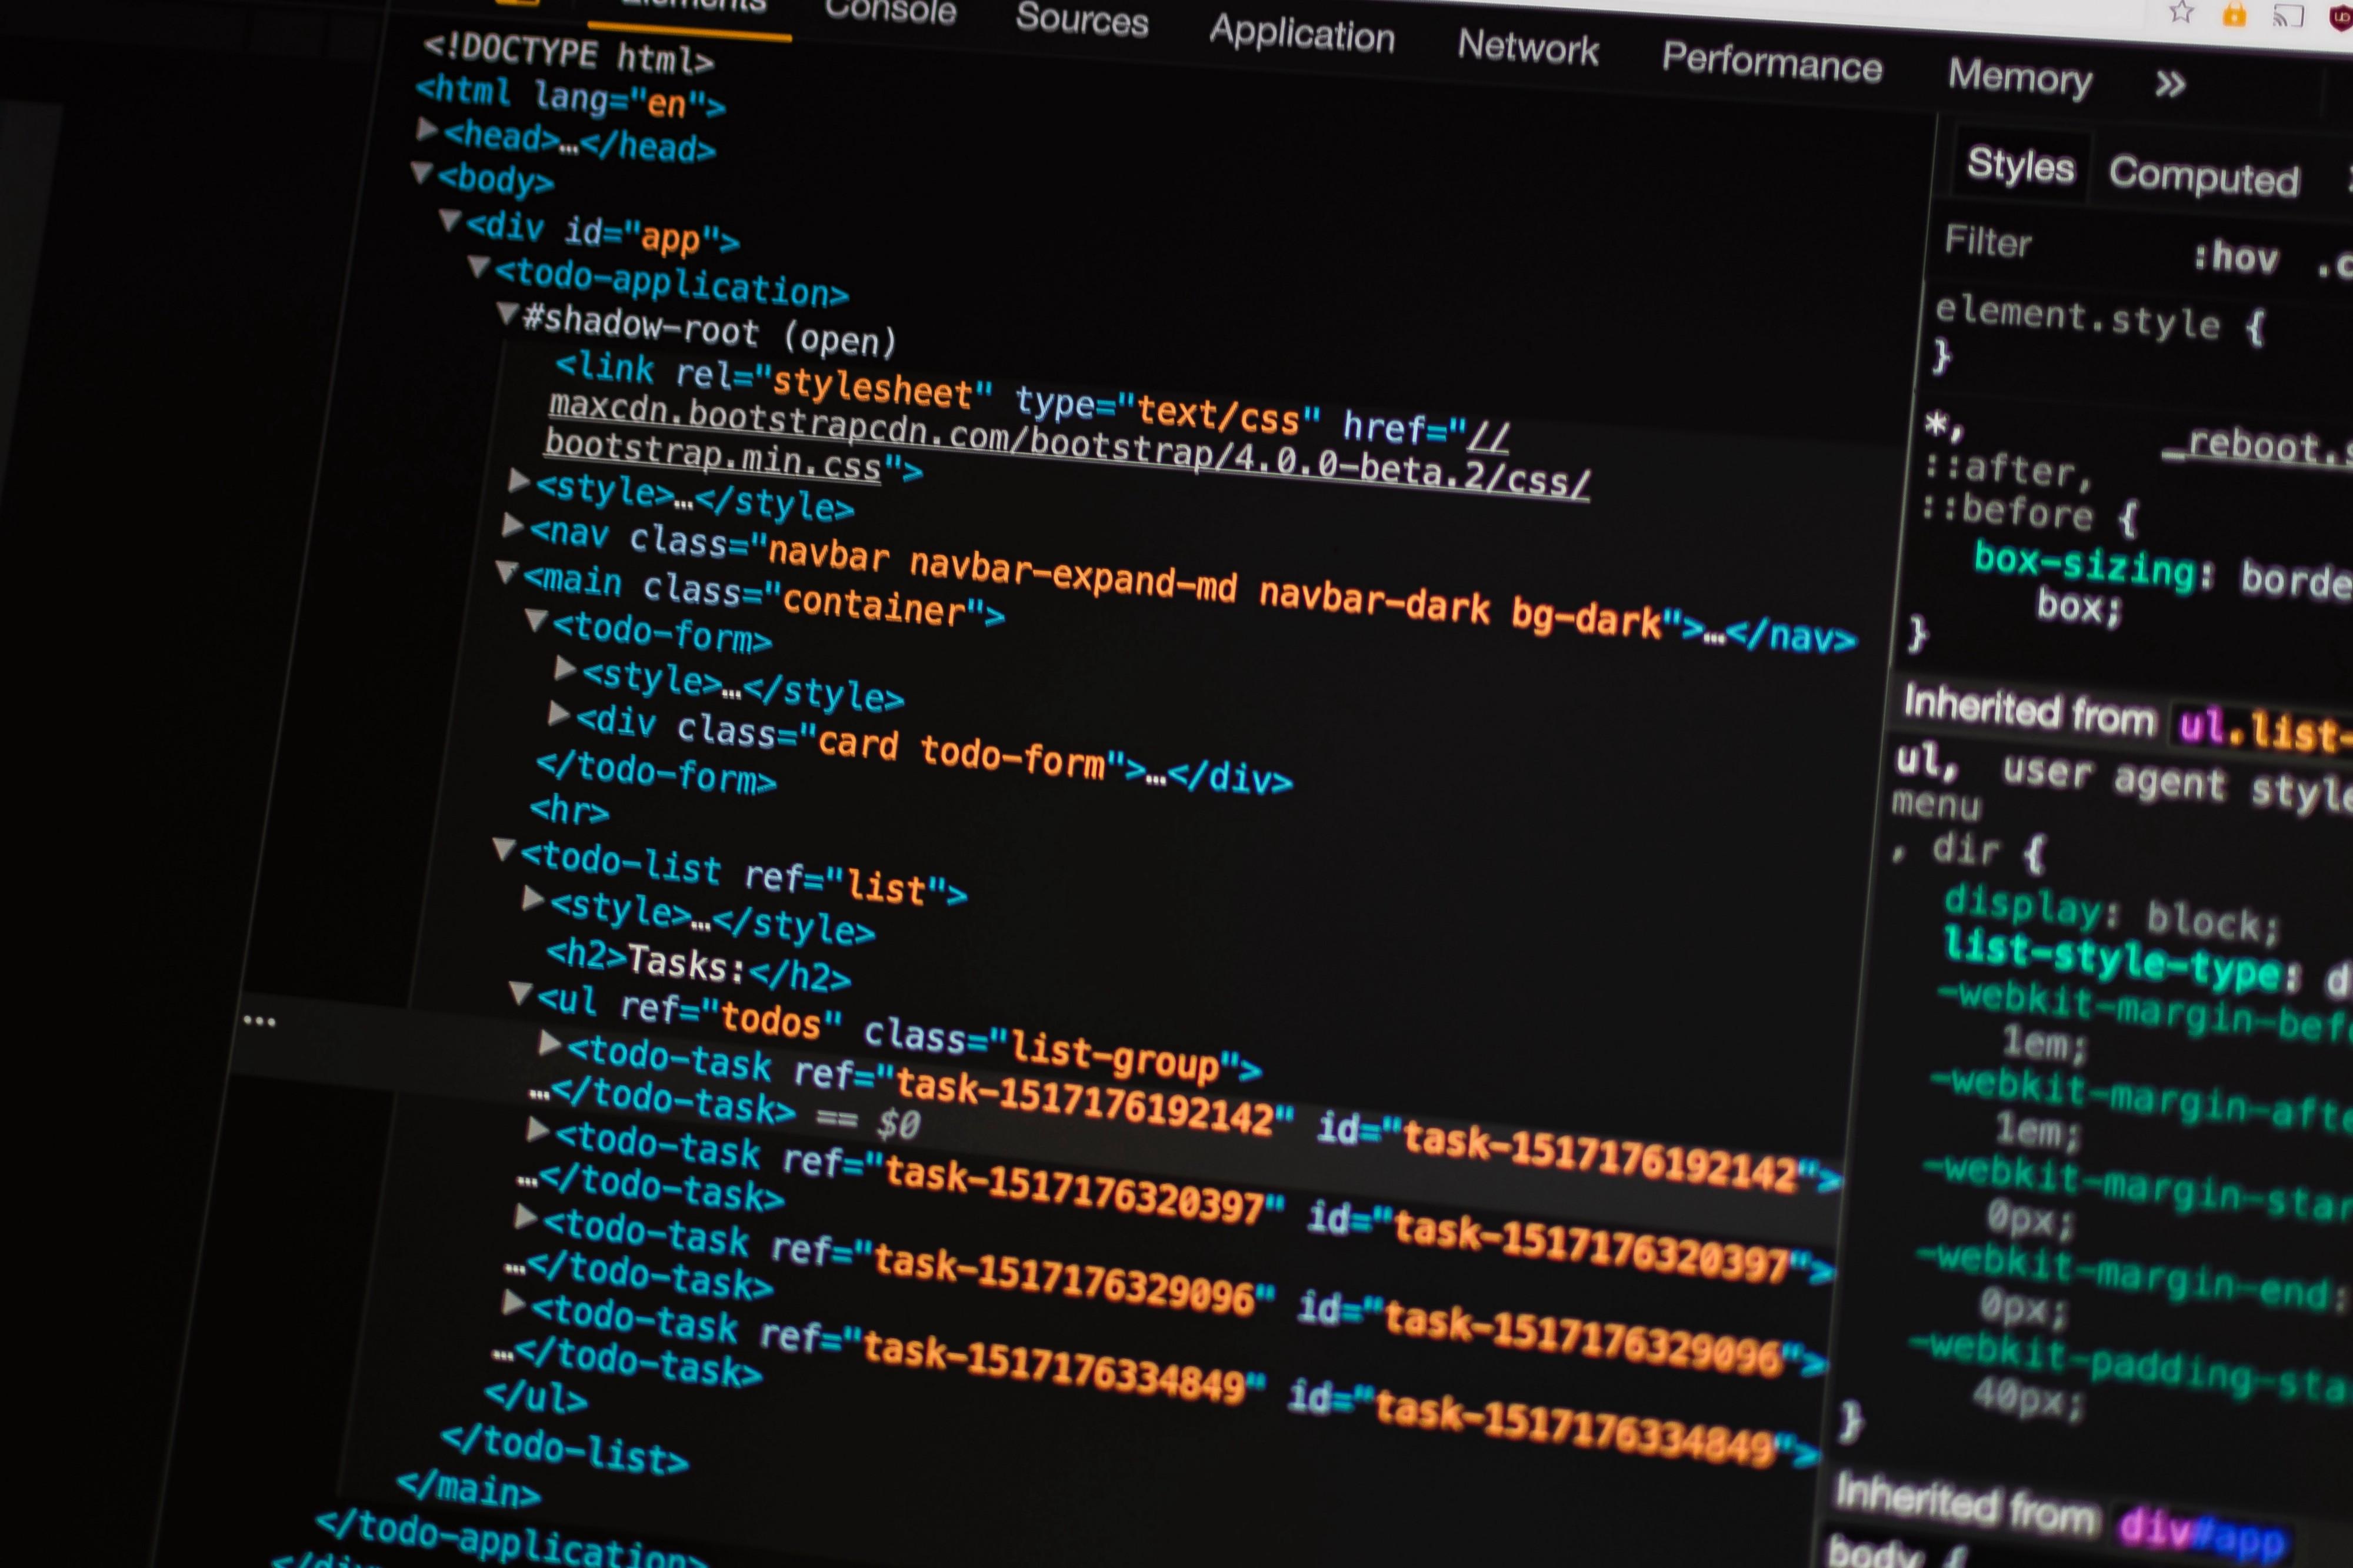 Перевод 10 советов как повысить продуктивность, используя инструменты разработчика Chrome